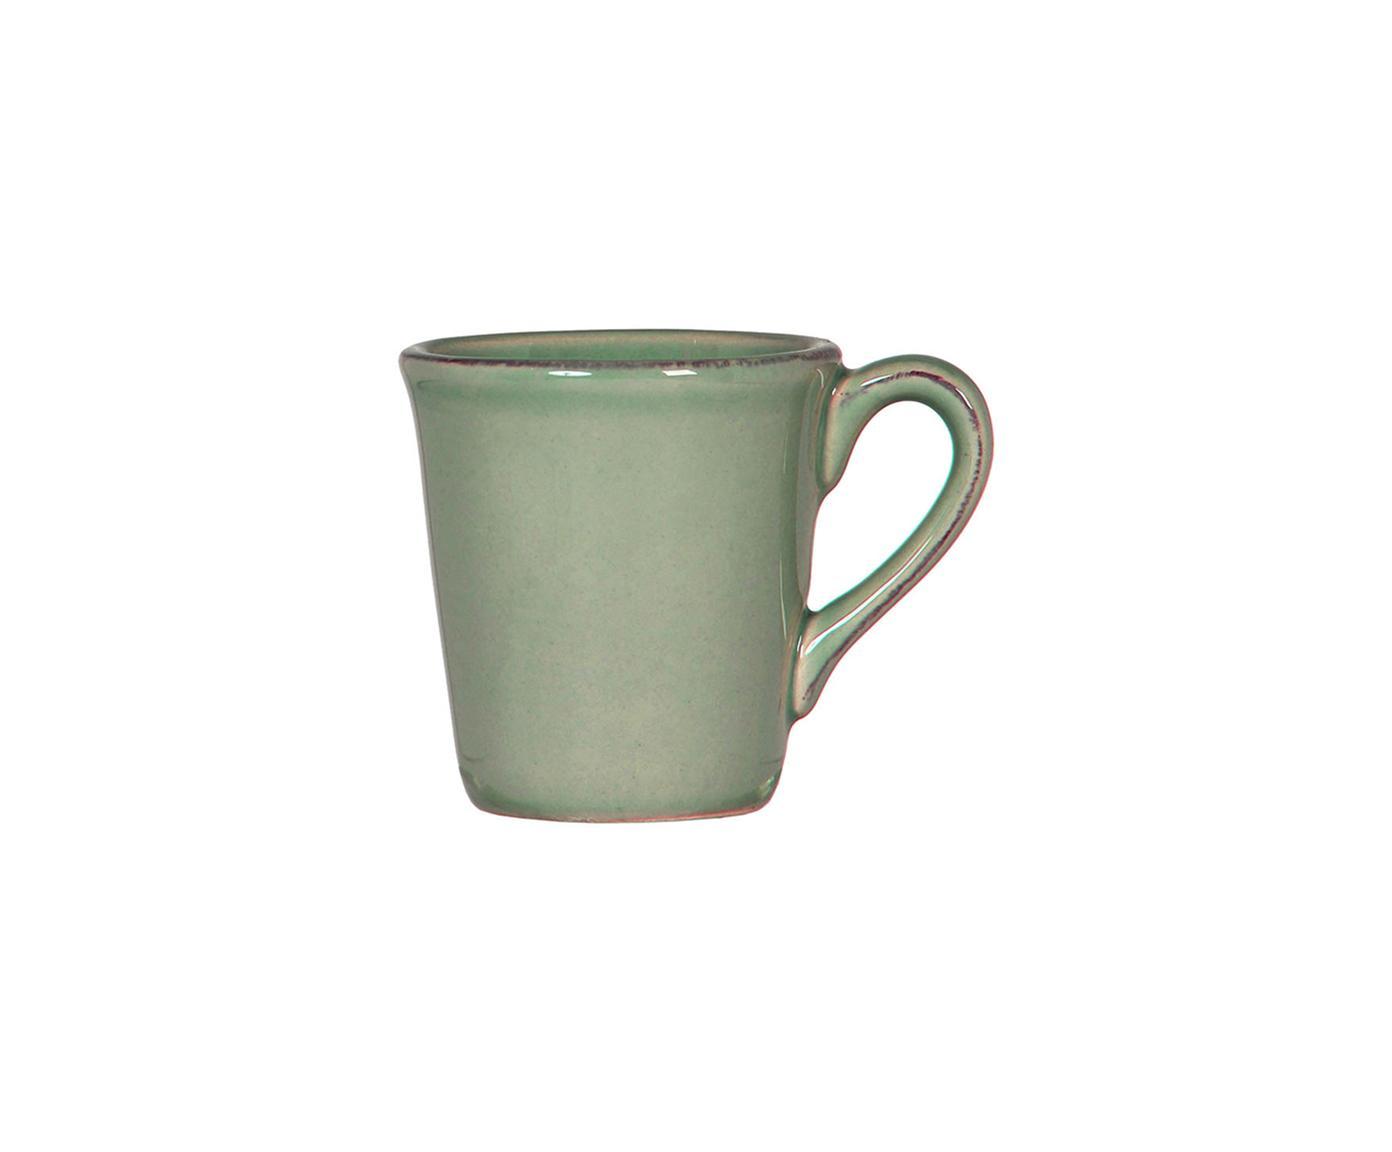 Filiżanka do espresso Constance, 2 szt., Ceramika, Szałwiowa zieleń, Ø 8 x W 6 cm